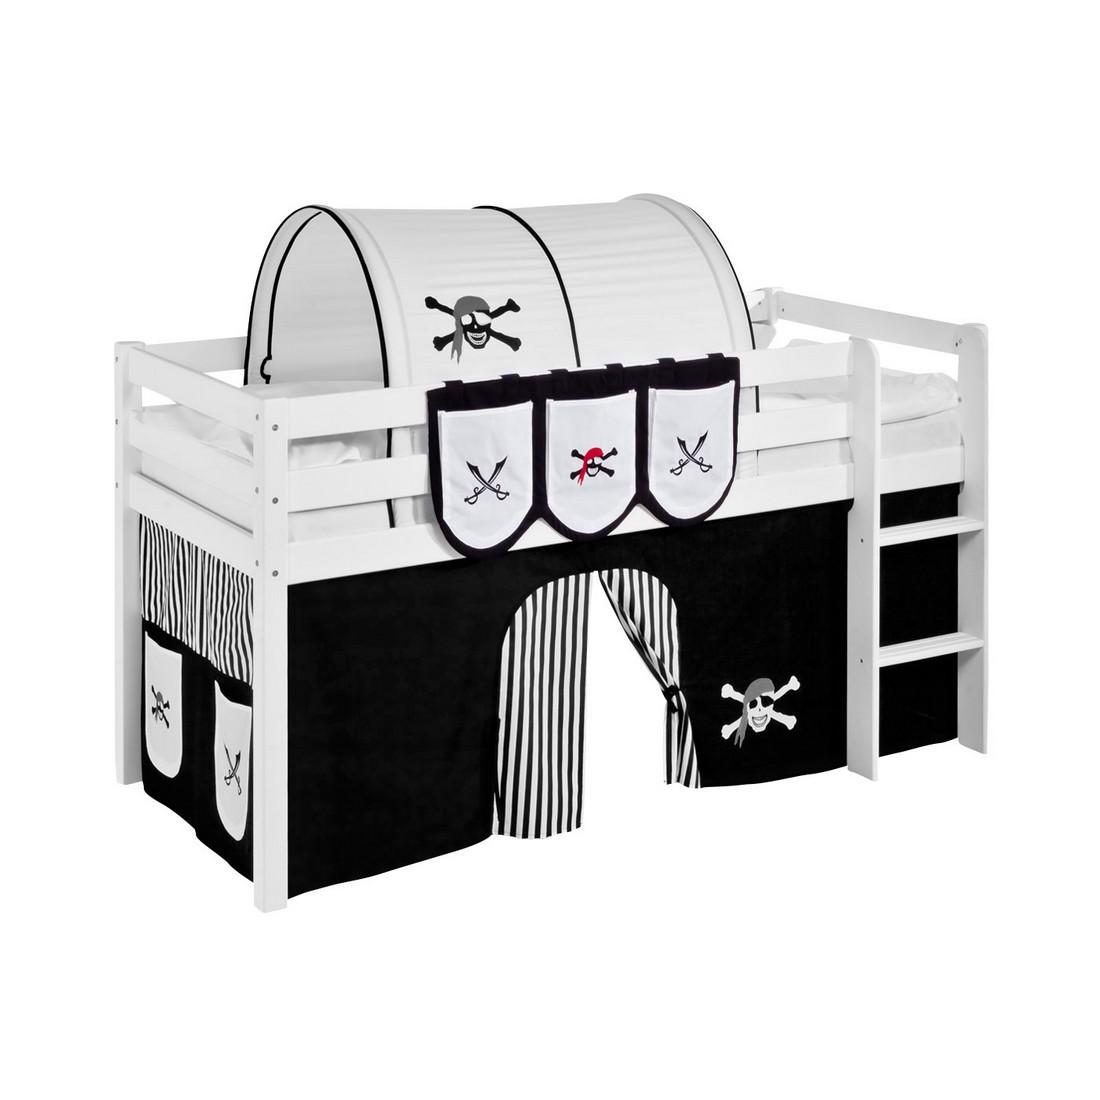 Taschen für Hochbett Spielbett Pirat-Schwarz-Weiß, Lilokids